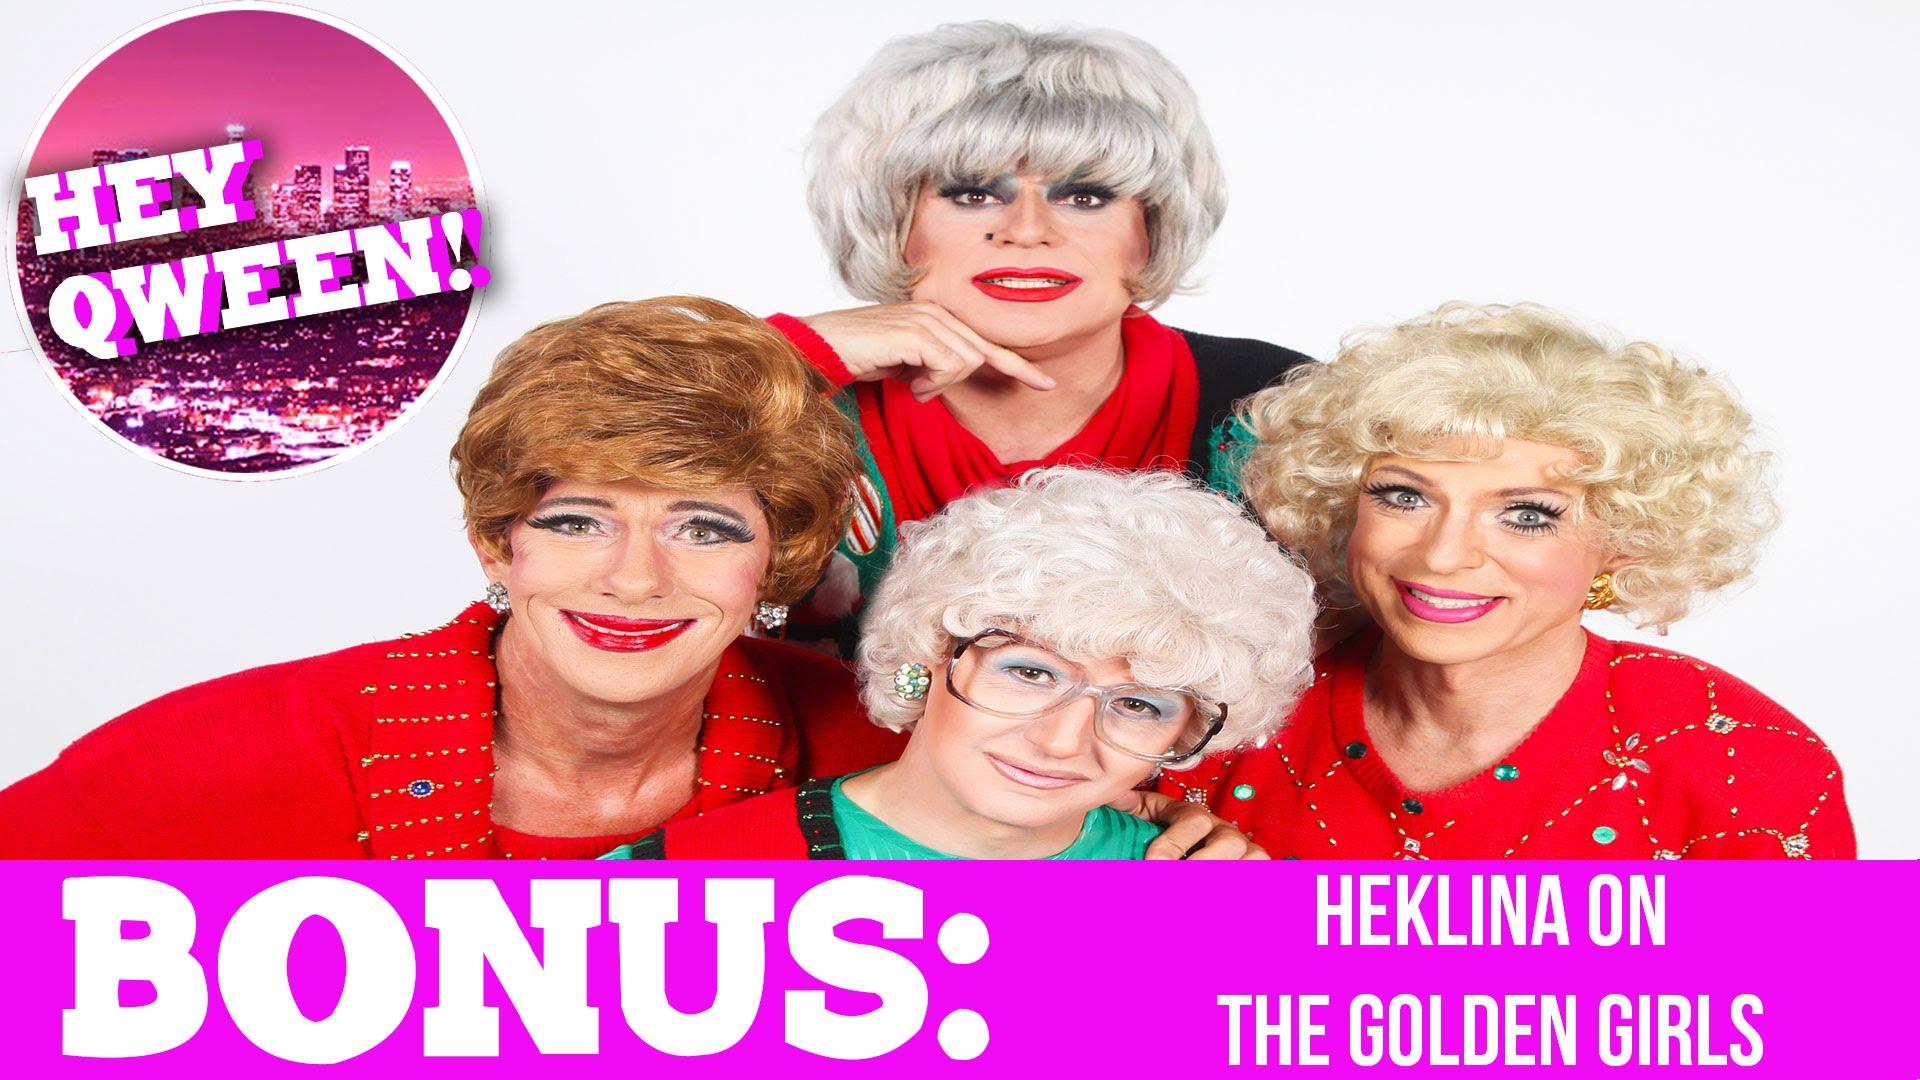 Hey Qween! BONUS: Heklina On The Golden Girlz